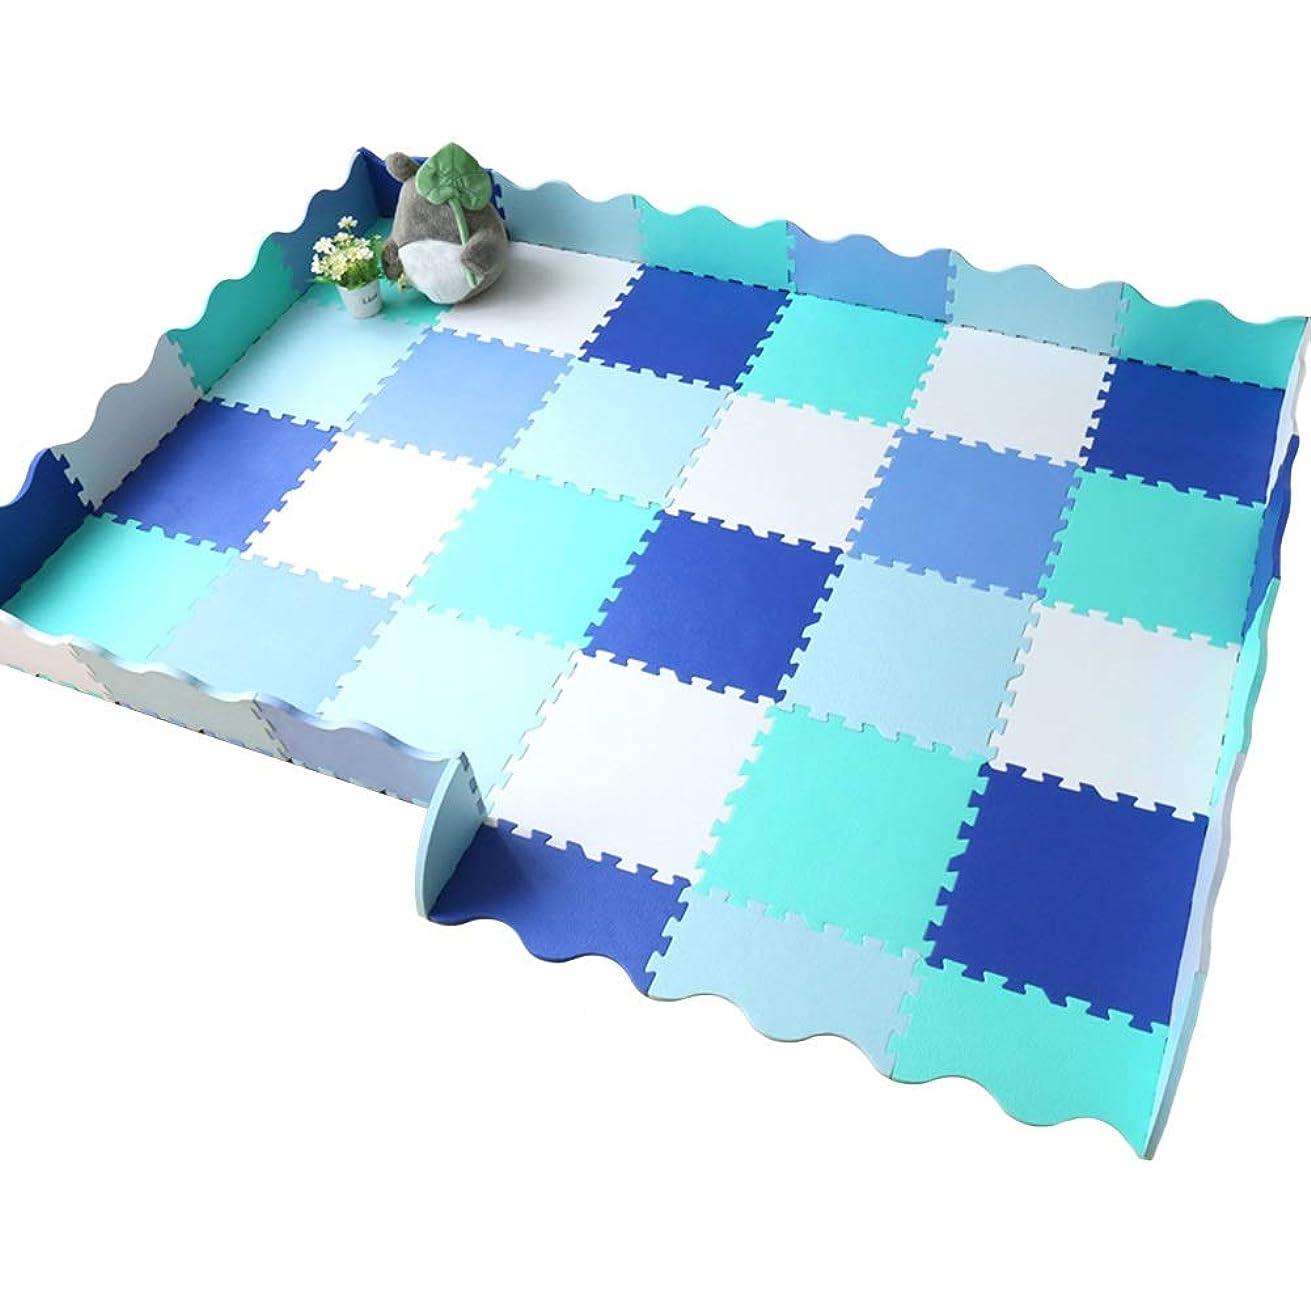 誰が不十分なバットWUZMING ジョイントマットEVA柔らかい連動タイルベビークロールマットフェンス付き子どもたちの活動リビングルーム寝室 (Color : B, Size : 30pcs)